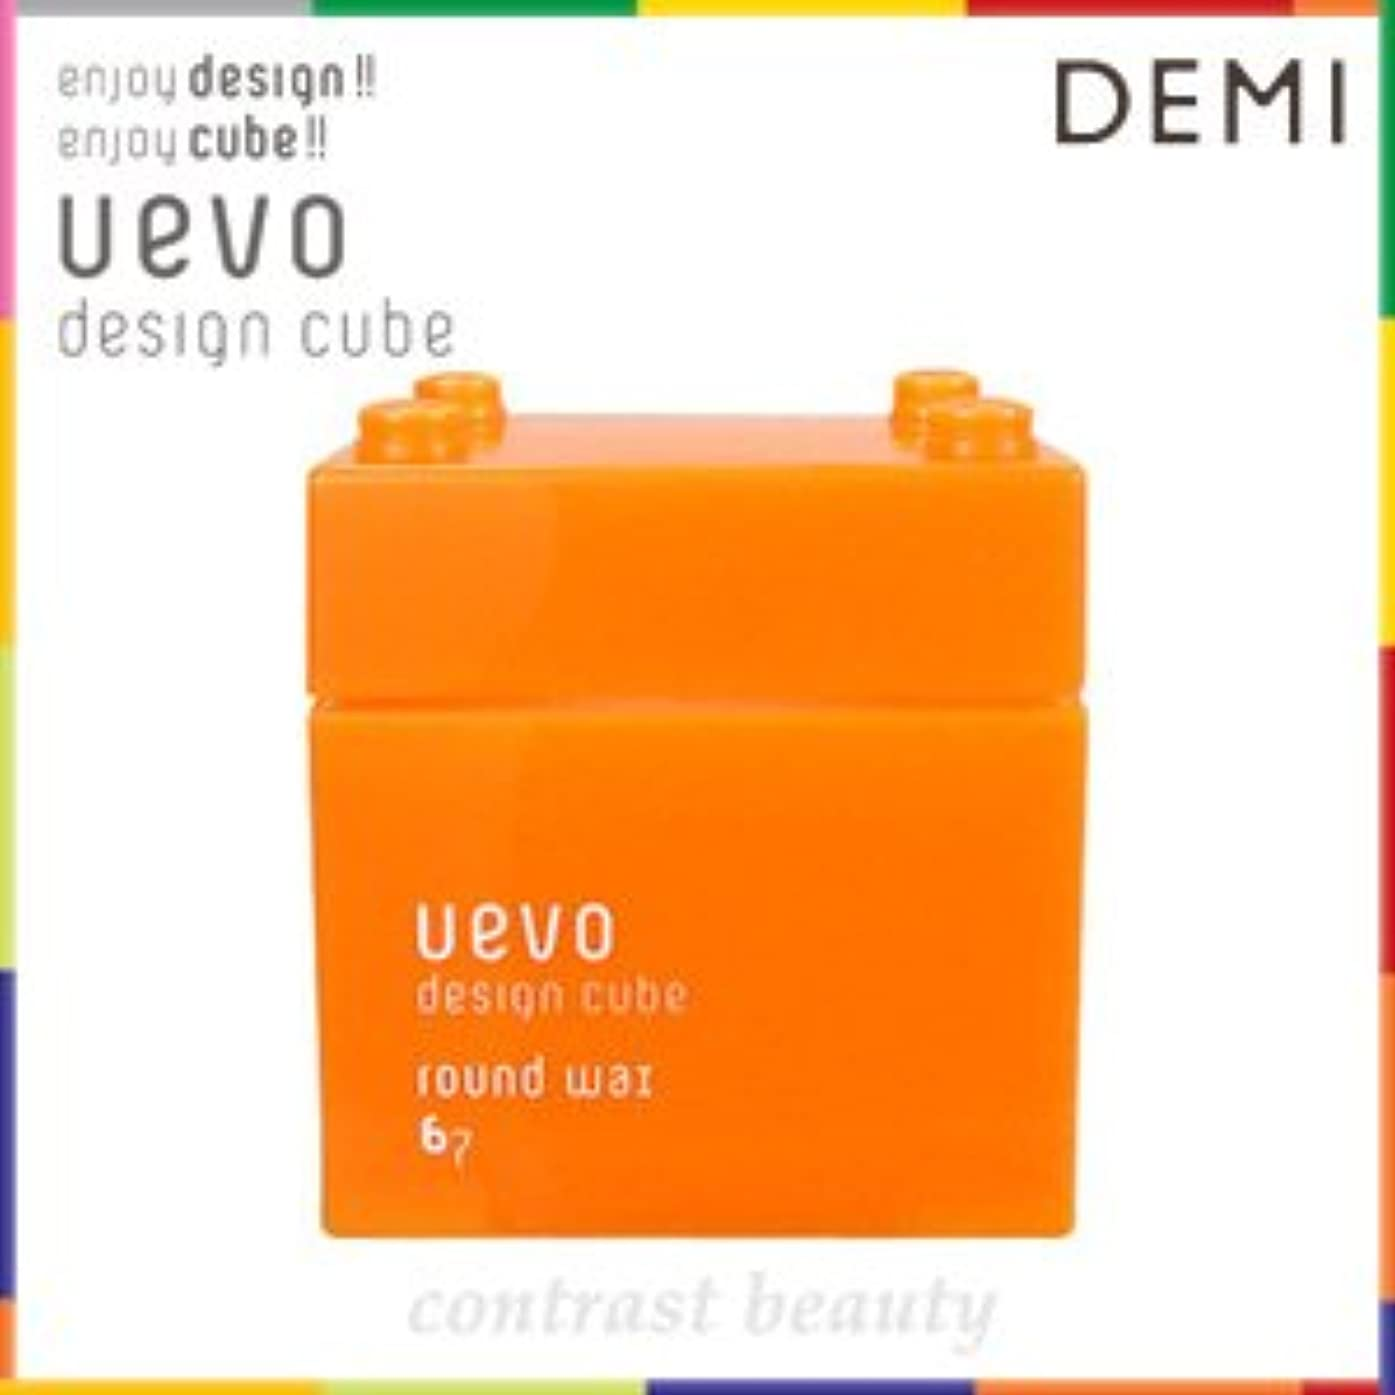 撃退する古風な八百屋さん【X2個セット】 デミ ウェーボ デザインキューブ ラウンドワックス 80g round wax DEMI uevo design cube